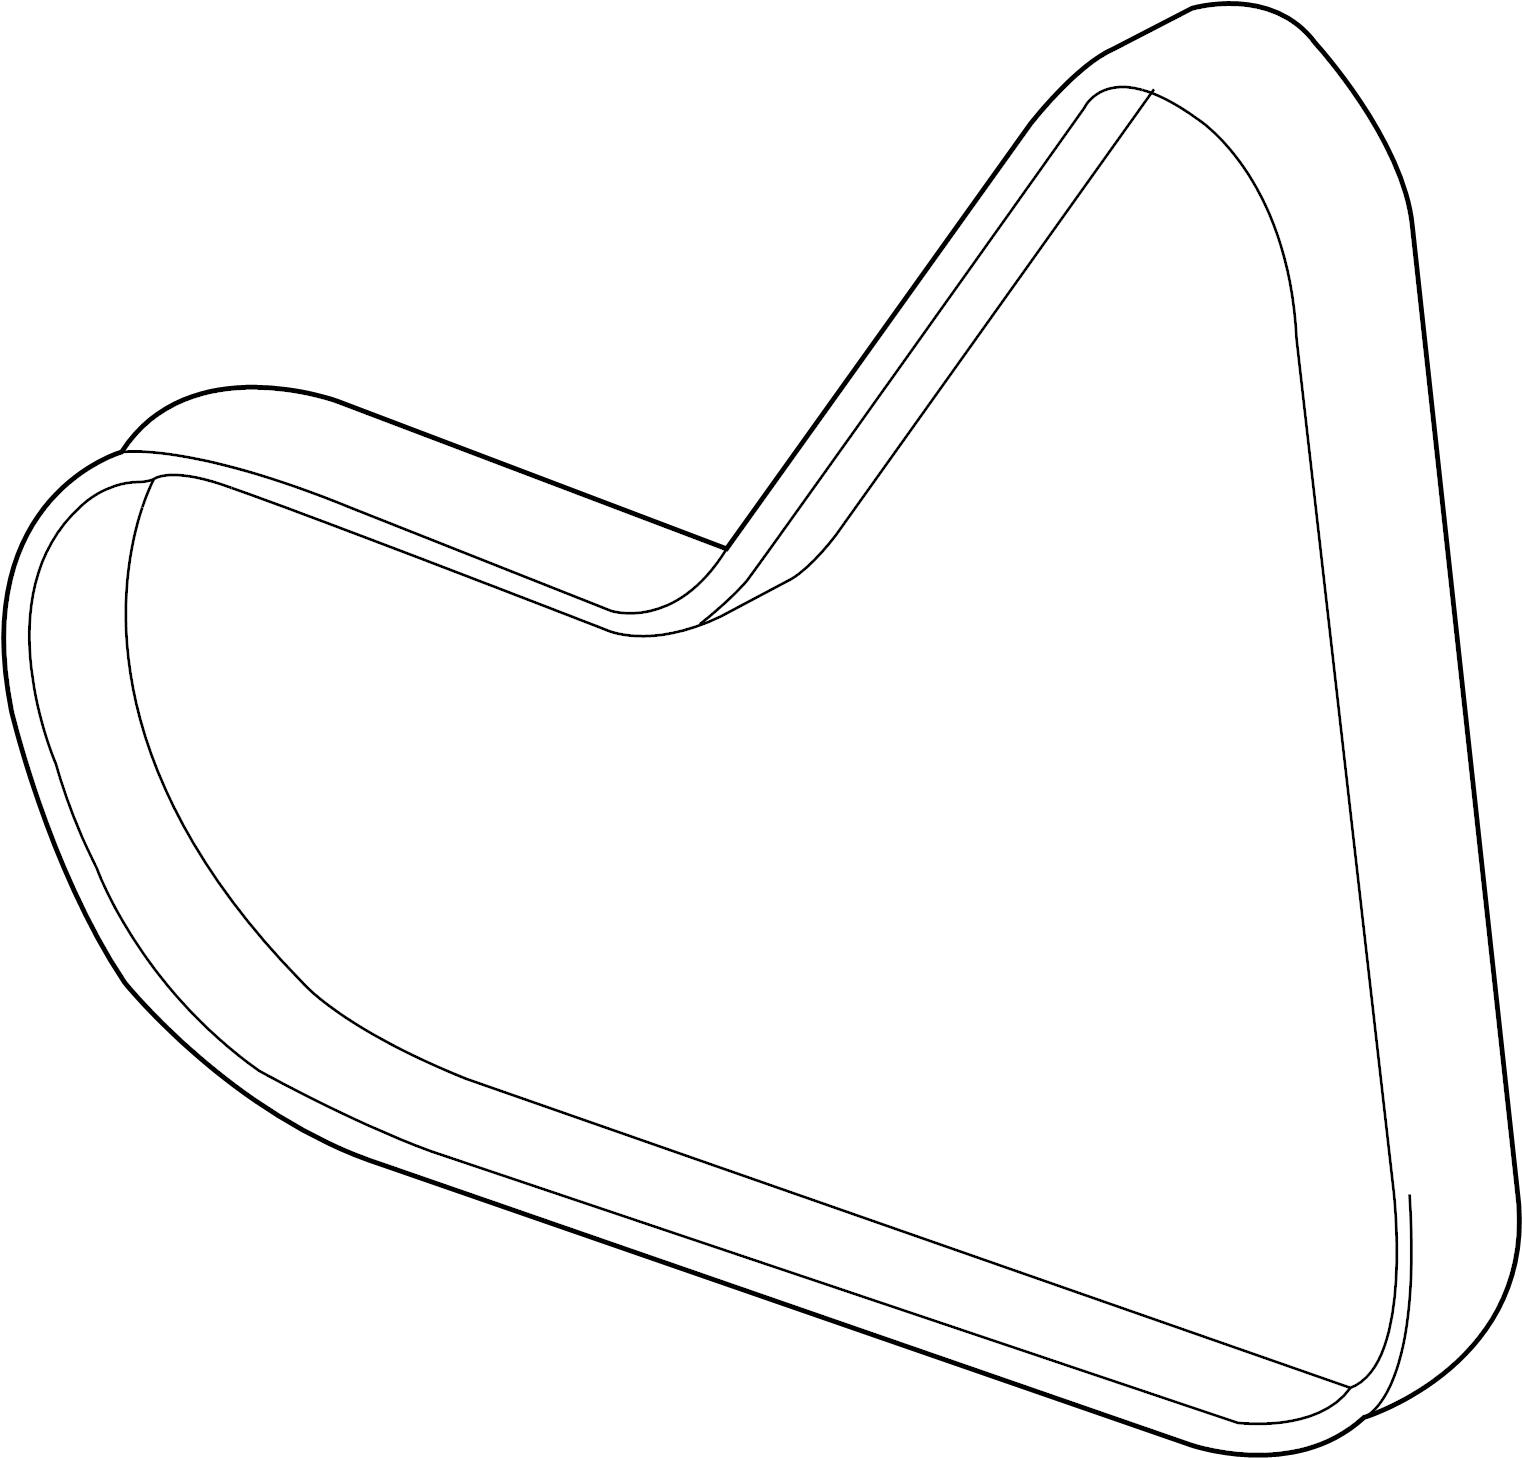 2005 Audi Belt, V-Ribbed. VRIBBED BELT. VBELT